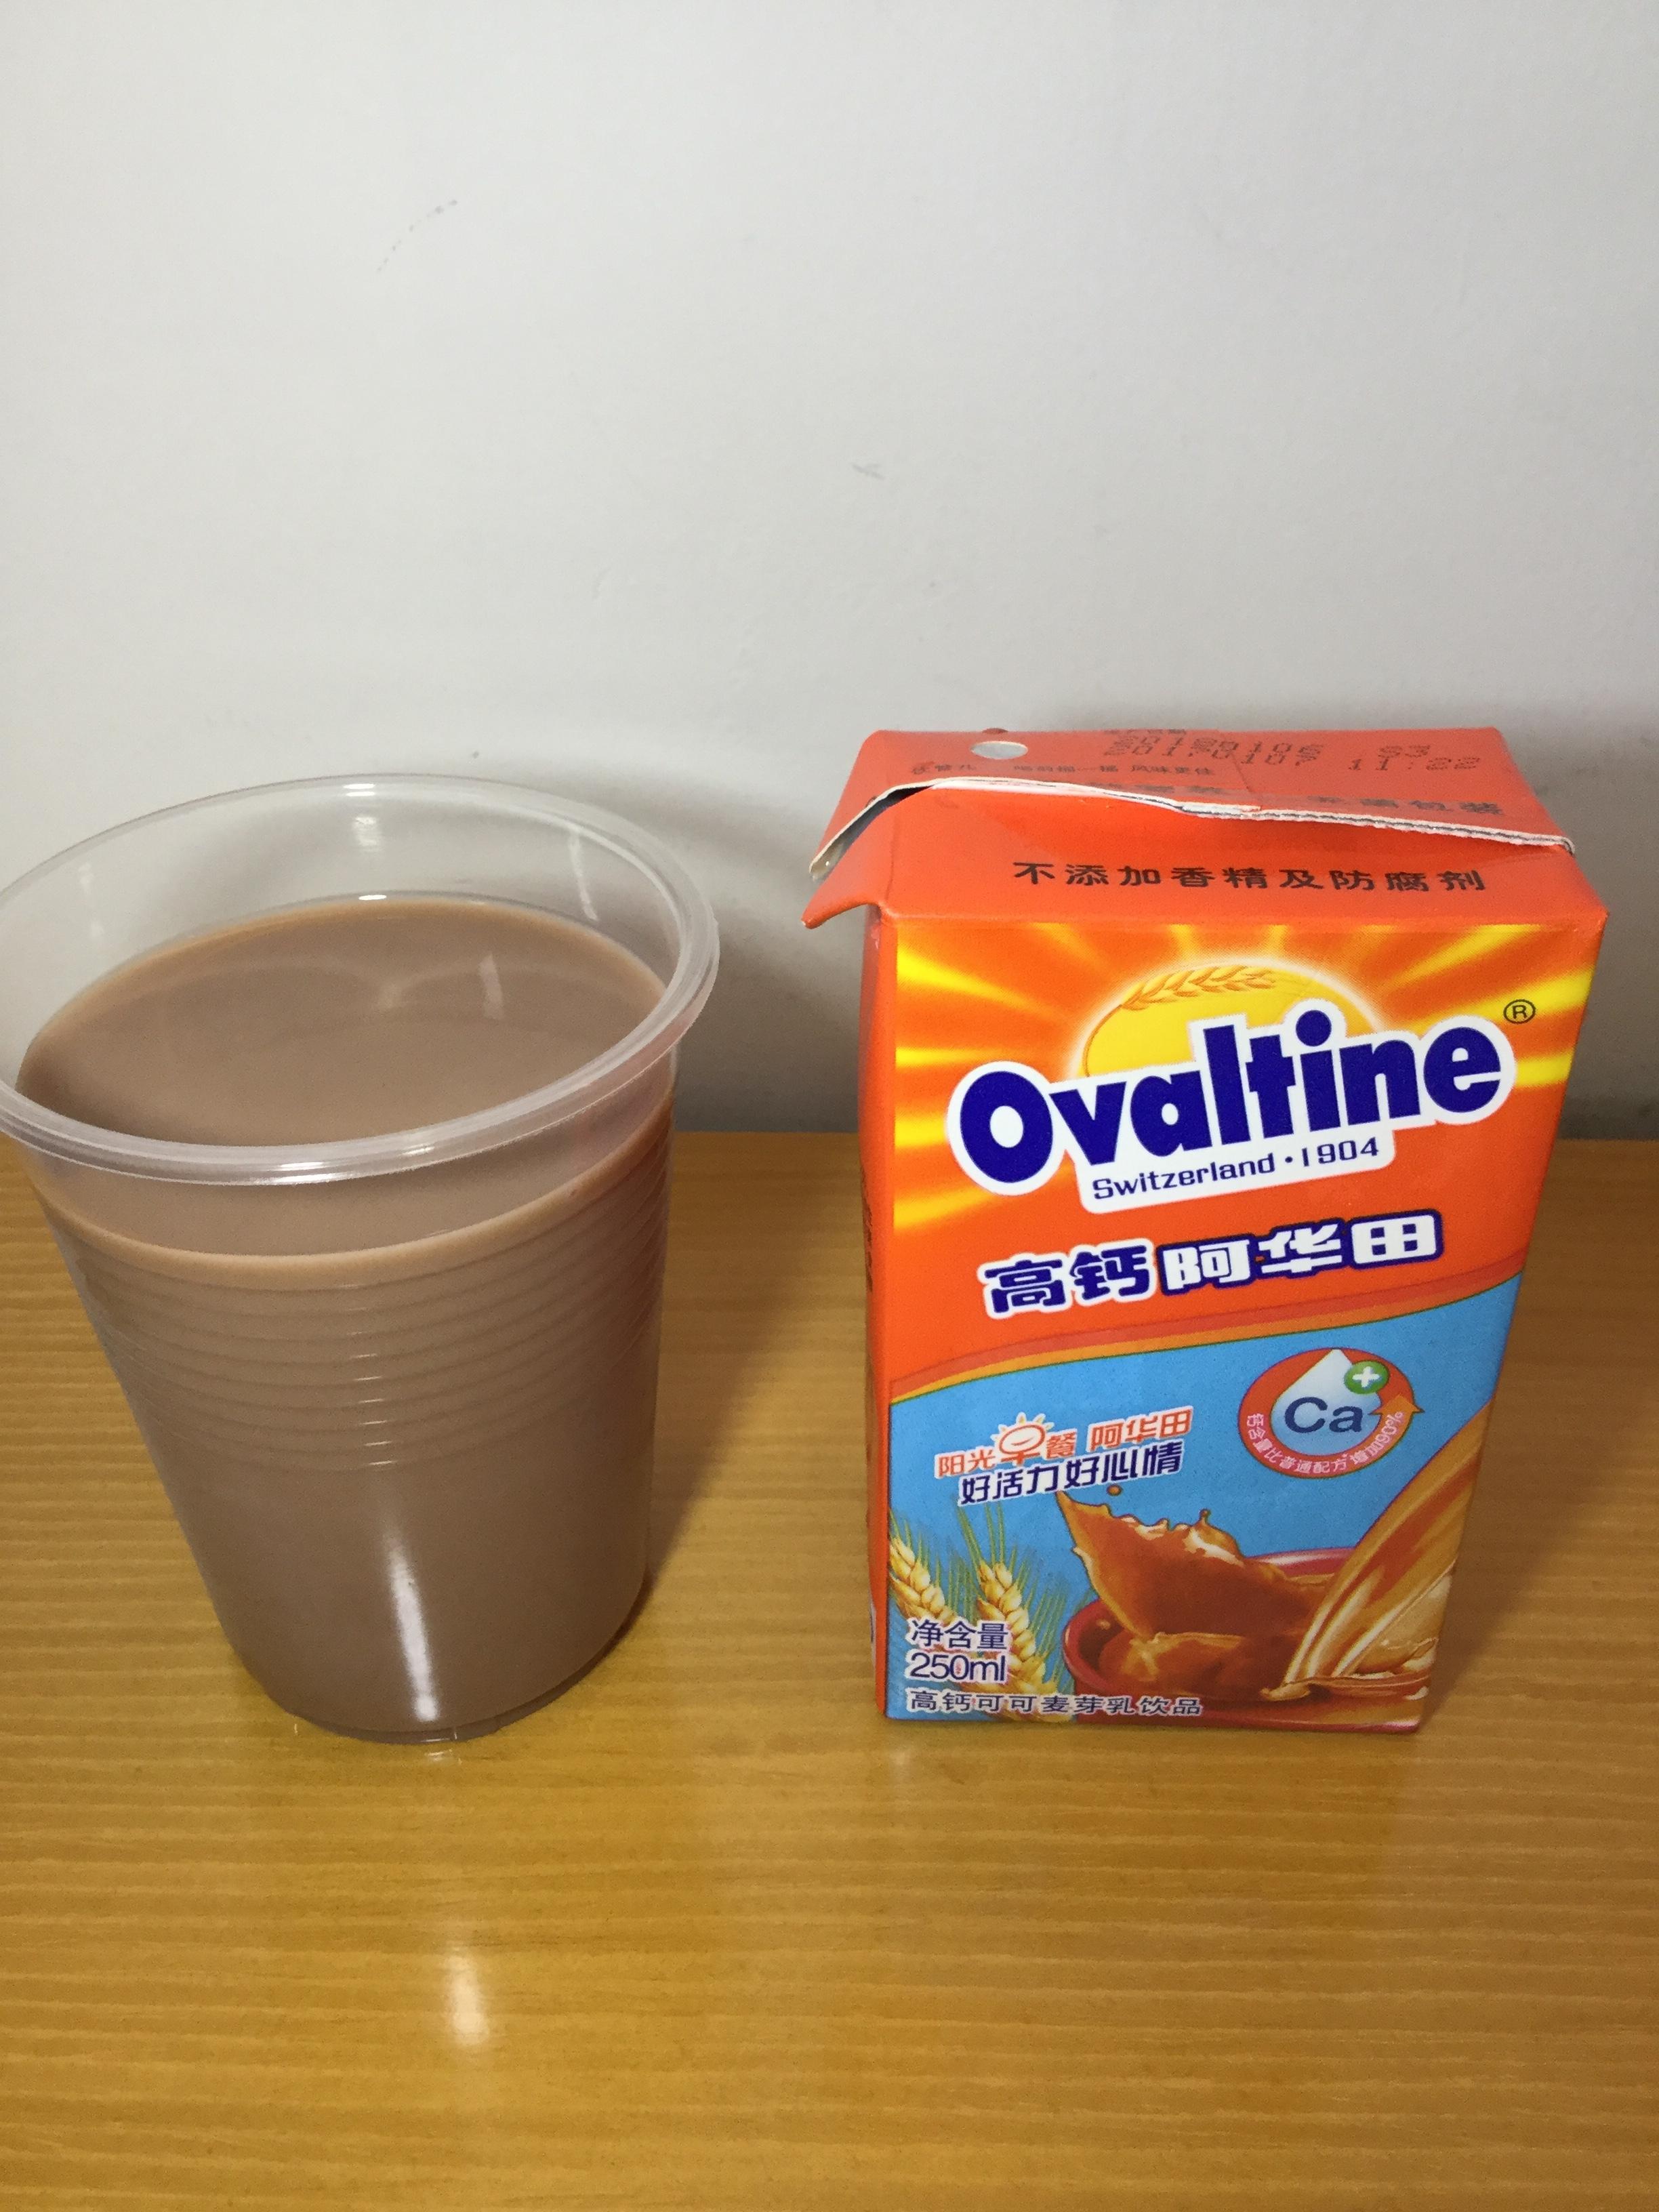 Ovaltine Calcium Plus (China) Cup